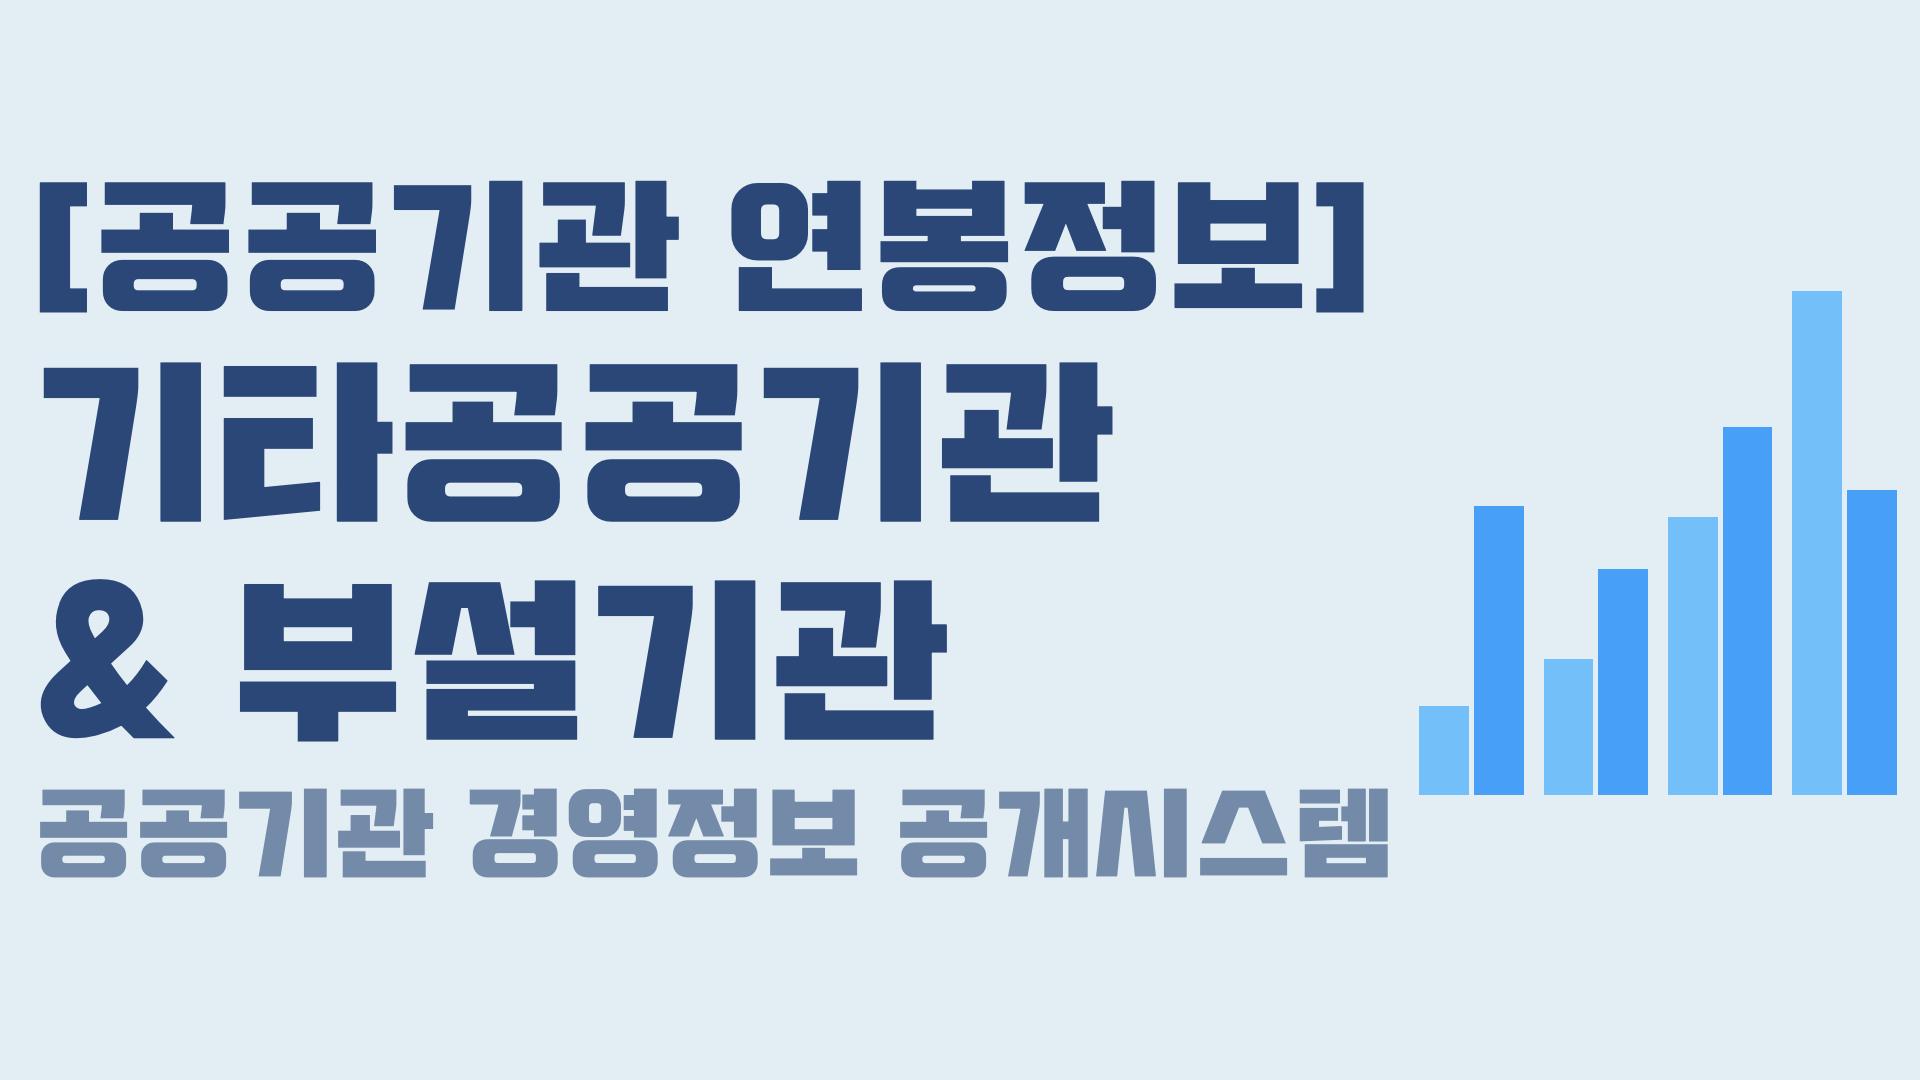 [공공기관 임금] 기타공공기관&부설기관 기관별 연봉 정보